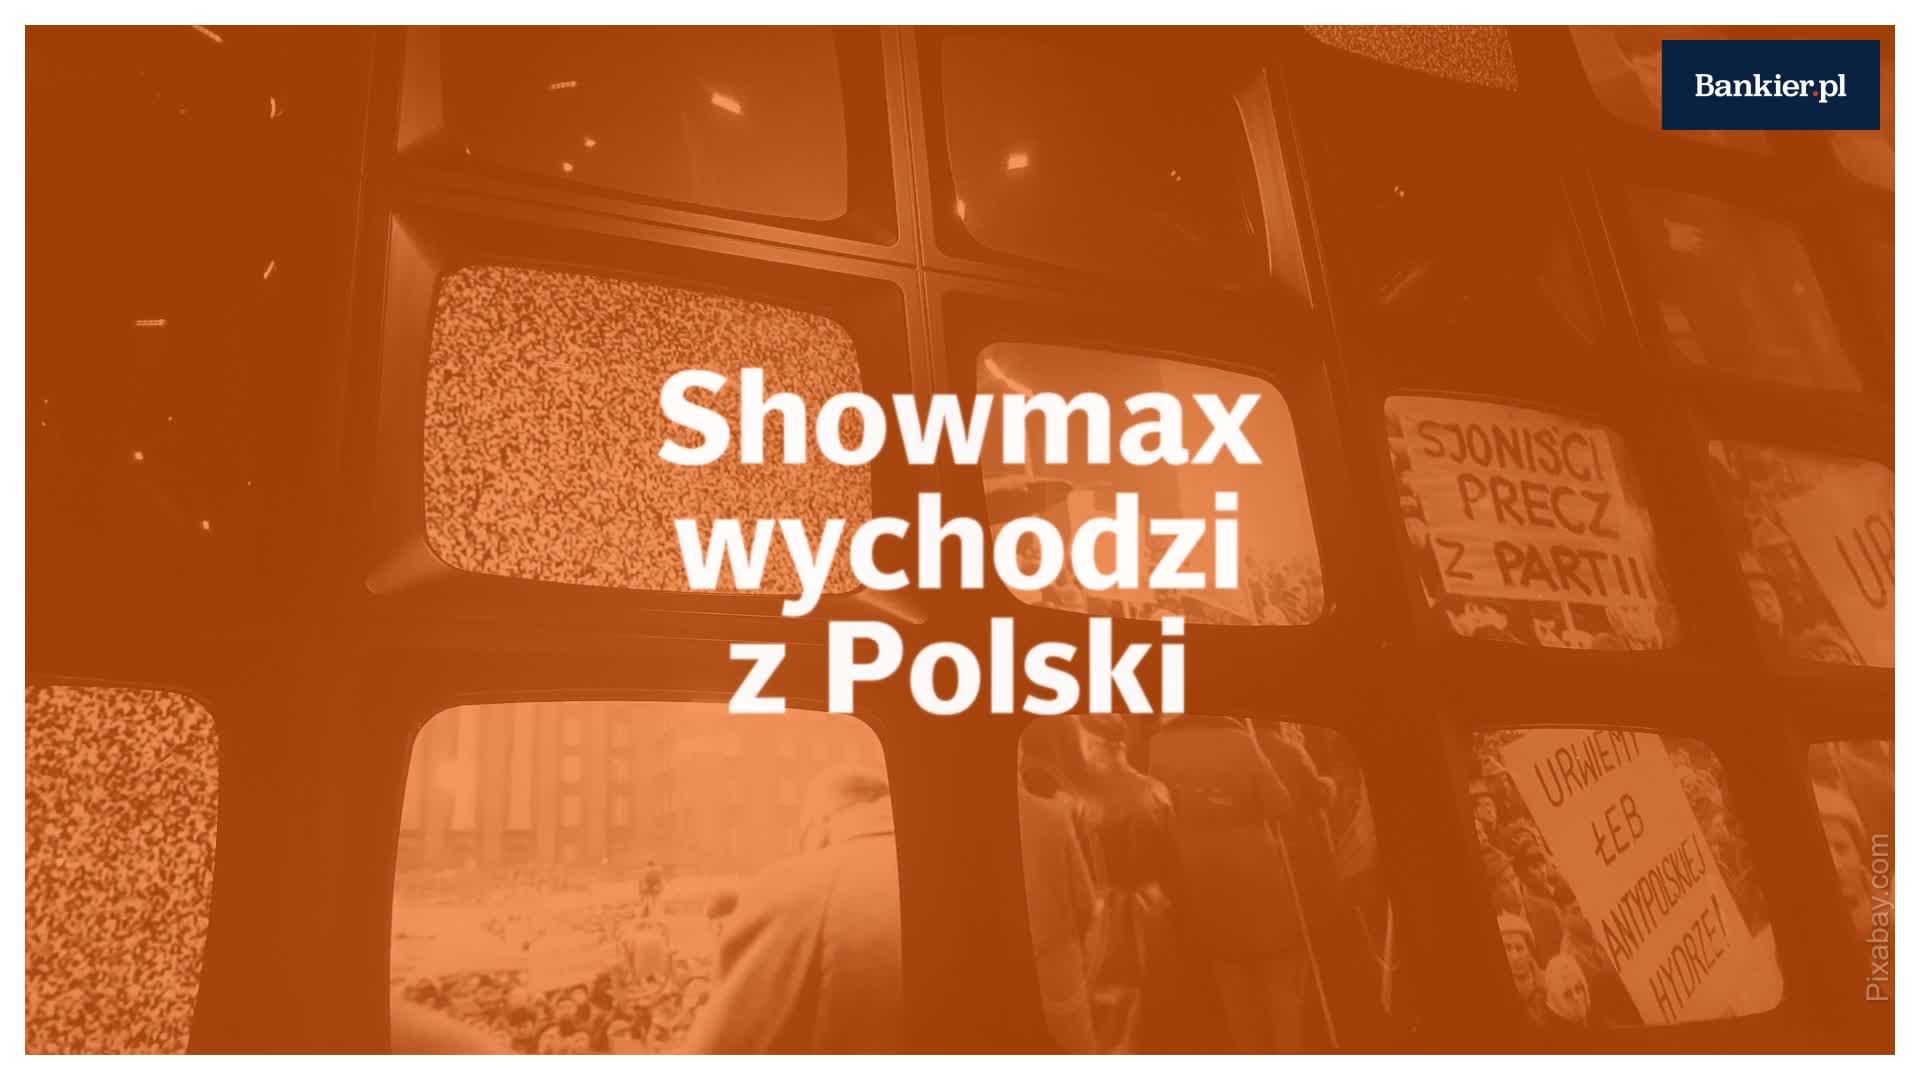 Showmax wychodzi z Polski